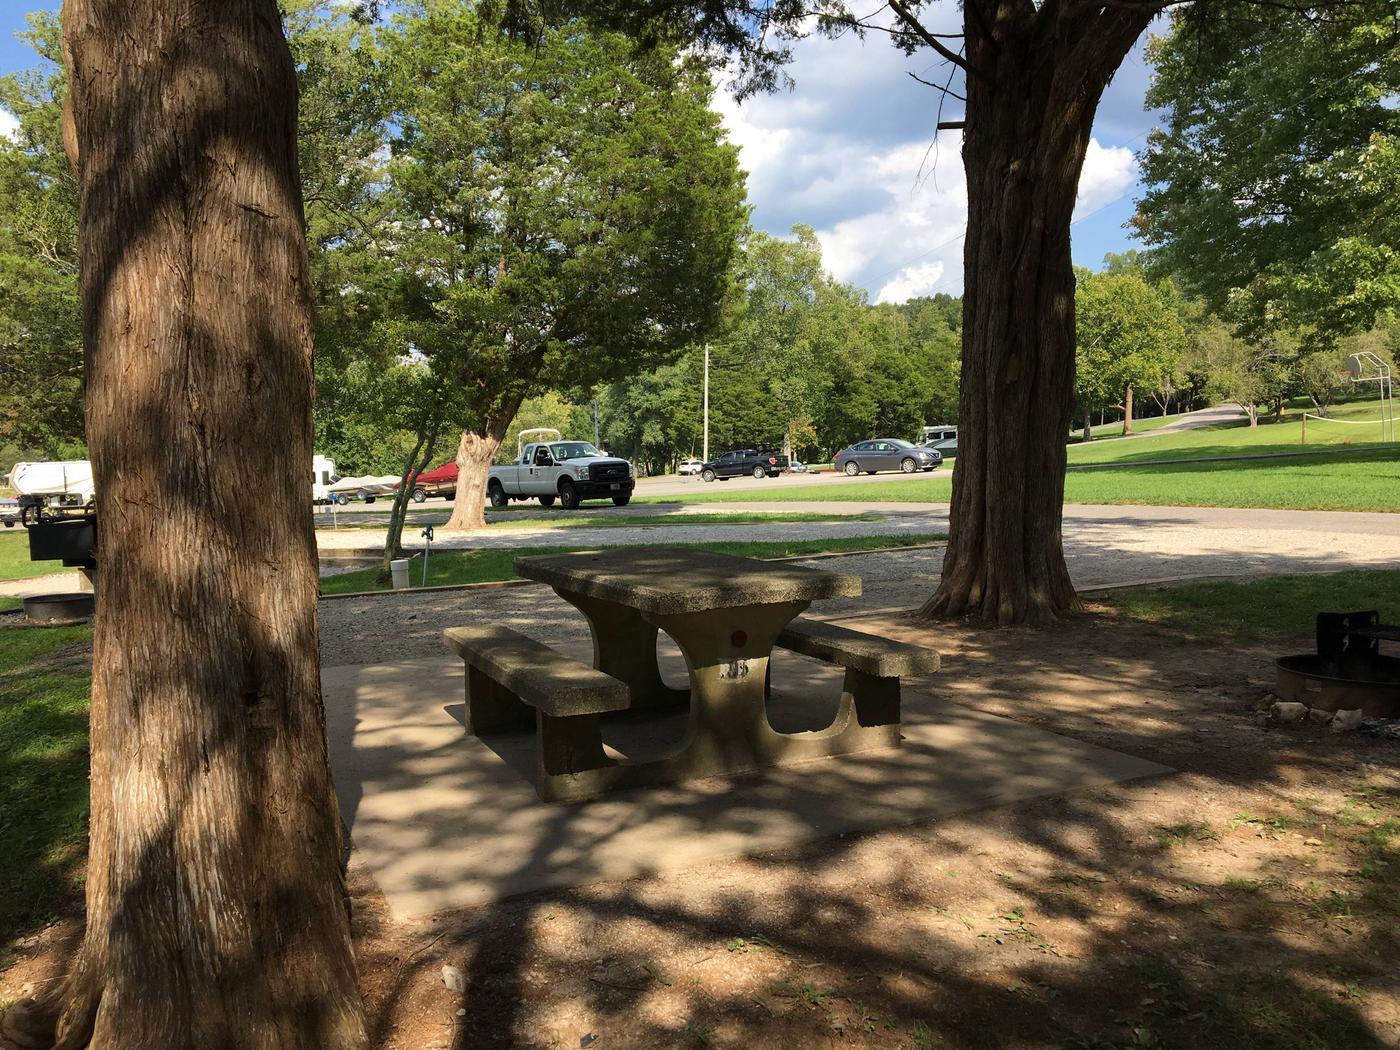 OBEY RIVER PARK SITE #91 TABLEOBEY RIVER PARK SITE #91